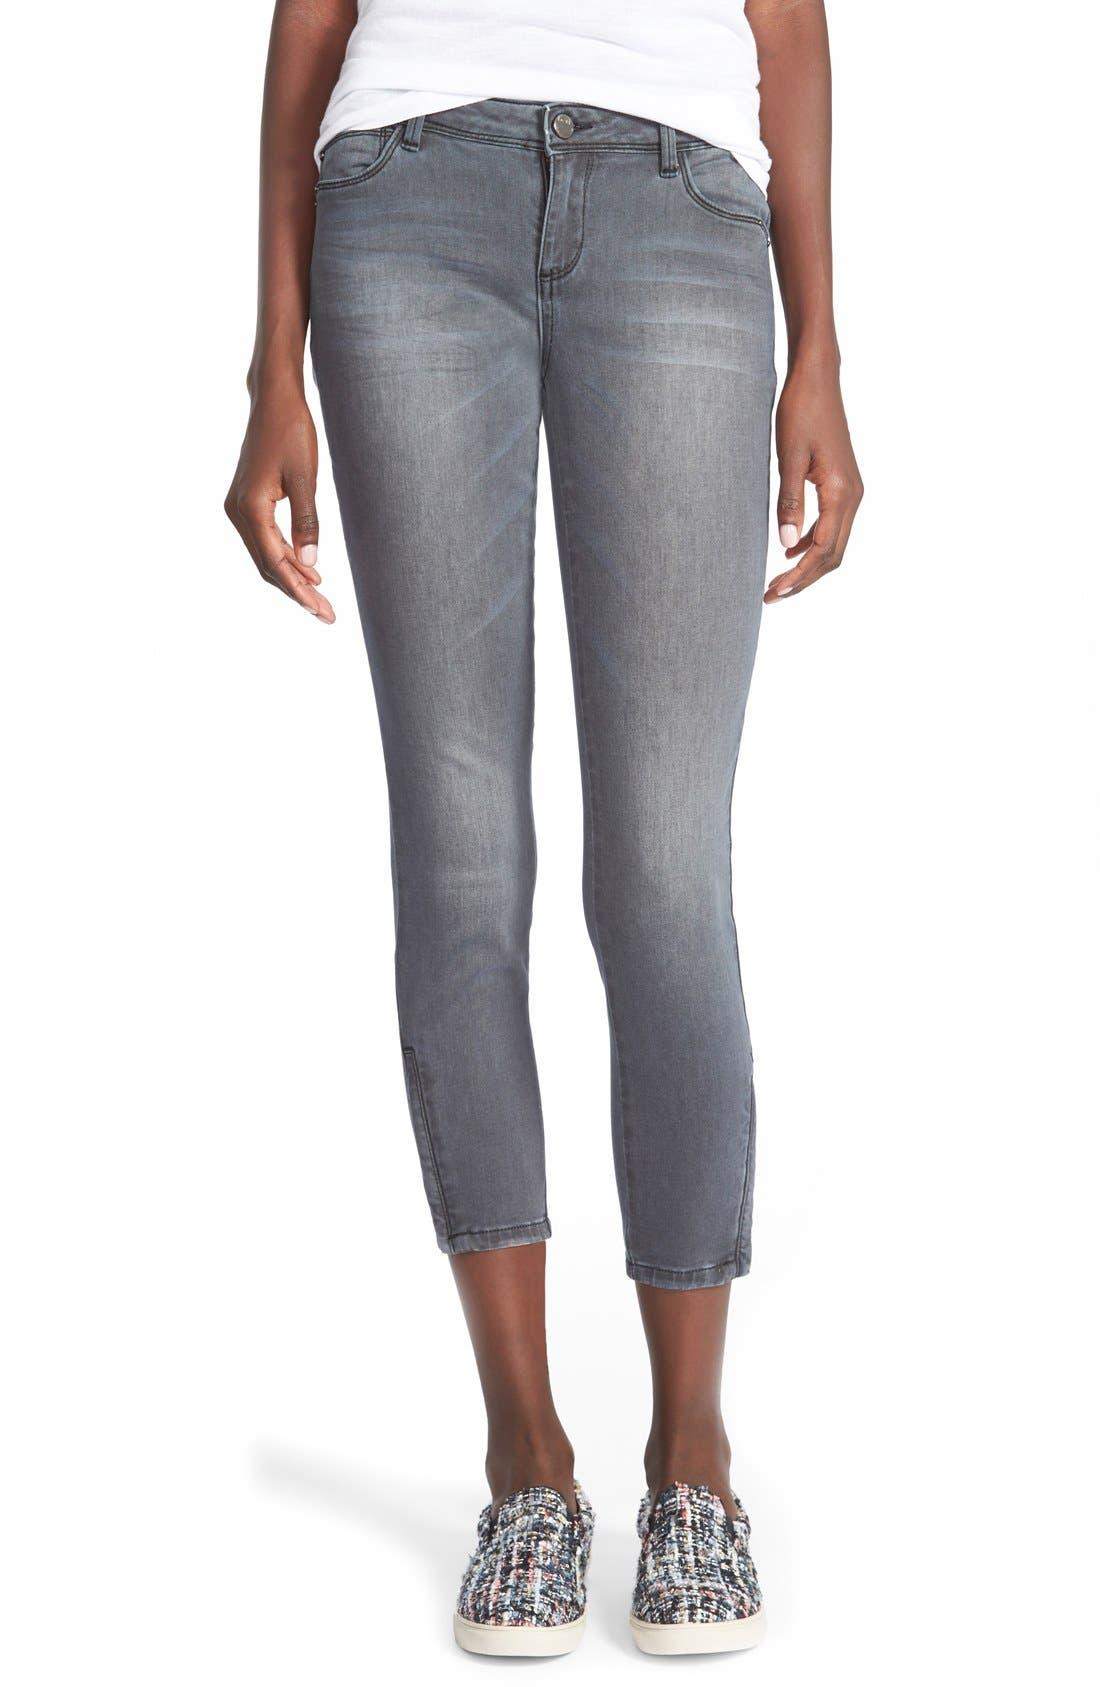 Alternate Image 1 Selected - HART Denim 'Brodie' Zip Hem Crop Skinny Jeans (Dark Grey)